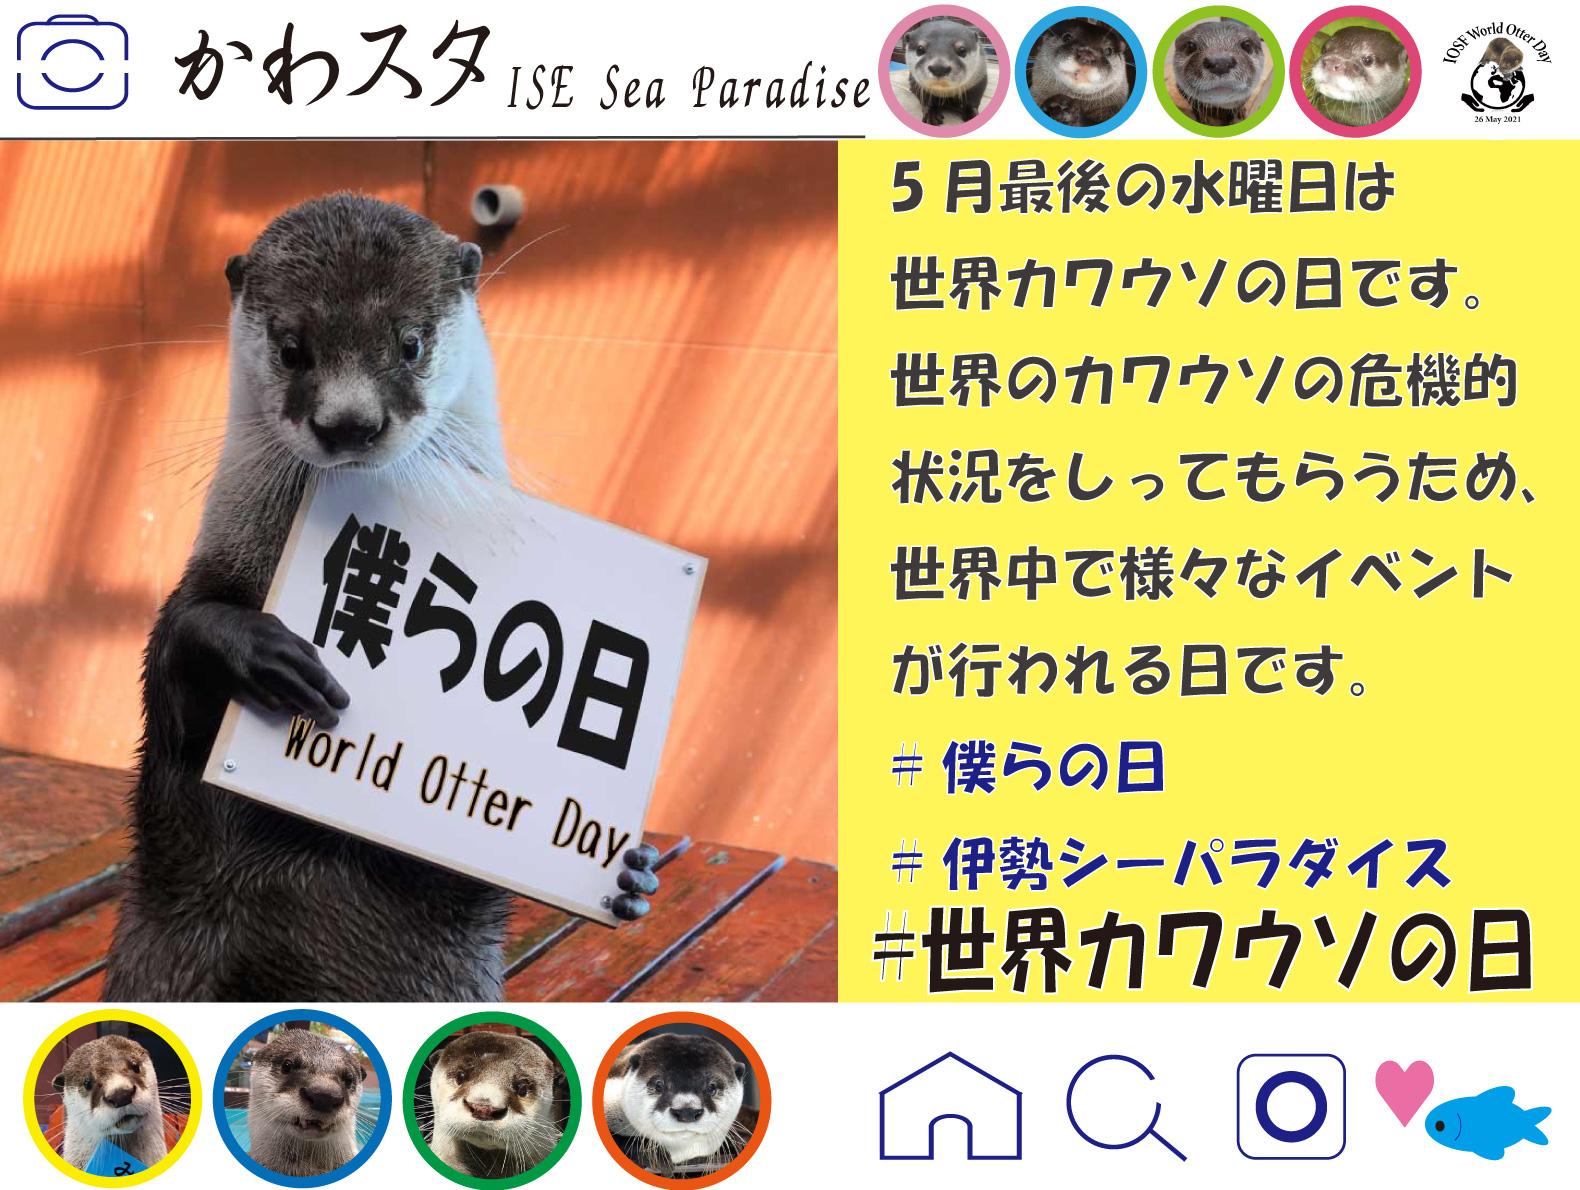 【令和3年5月26日(水)はWorld Otter Day!!】お家でも楽しめるWorld Otte... 画像